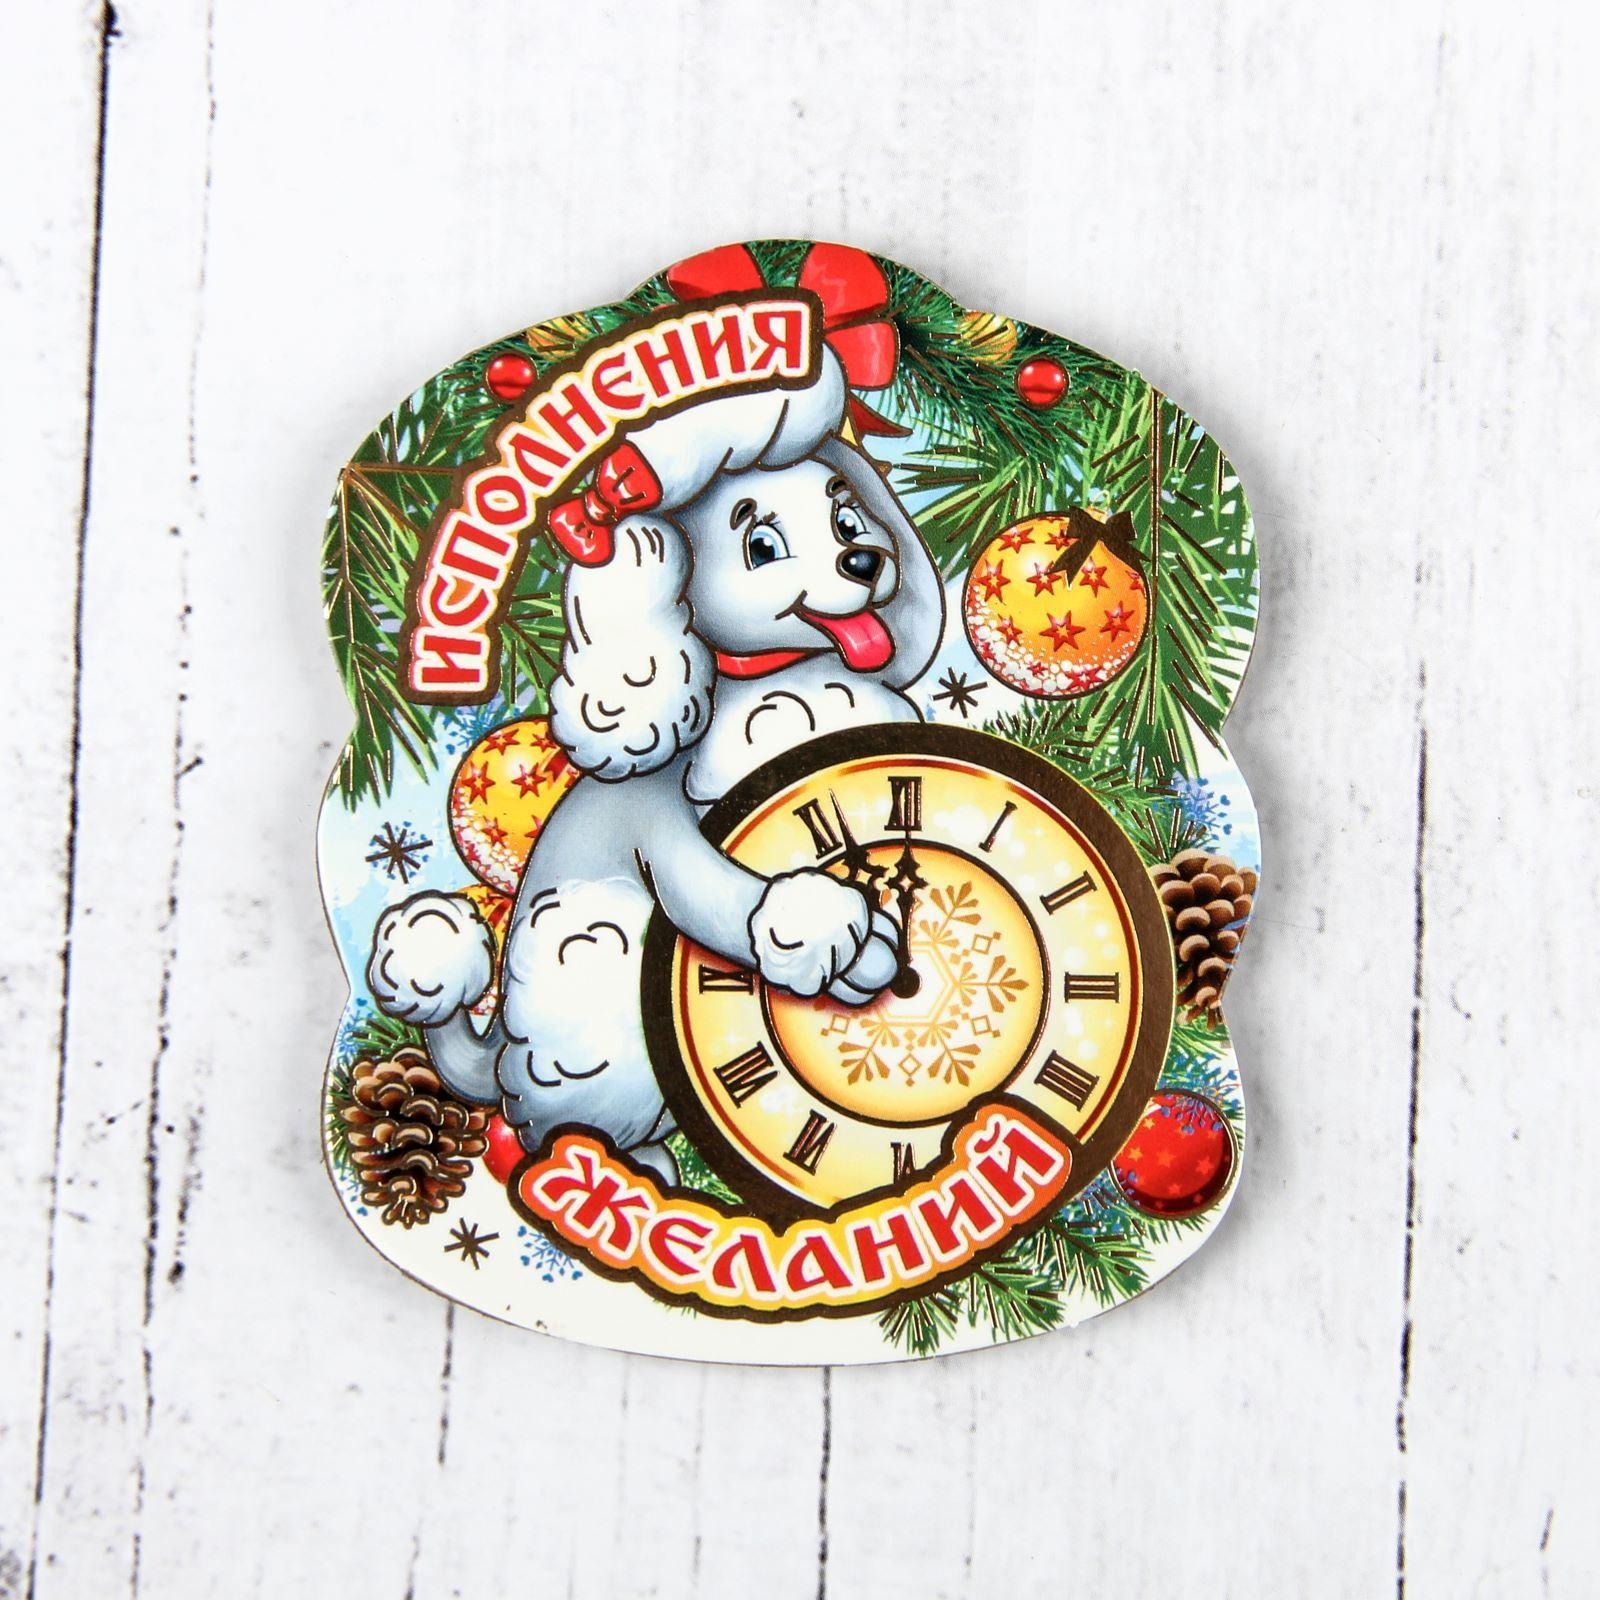 Магнит Sima-land Новогодний. 2018, 9 х 7,5 см. 25324302532430Порадуйте родных и близких оригинальным сувениром: преподнесите в подарок магнит. С ним даже самый серьёзный человек почувствует себя ребёнком, ожидающим чудо! Создайте праздничное настроение, и оно останется с вами на весь год.